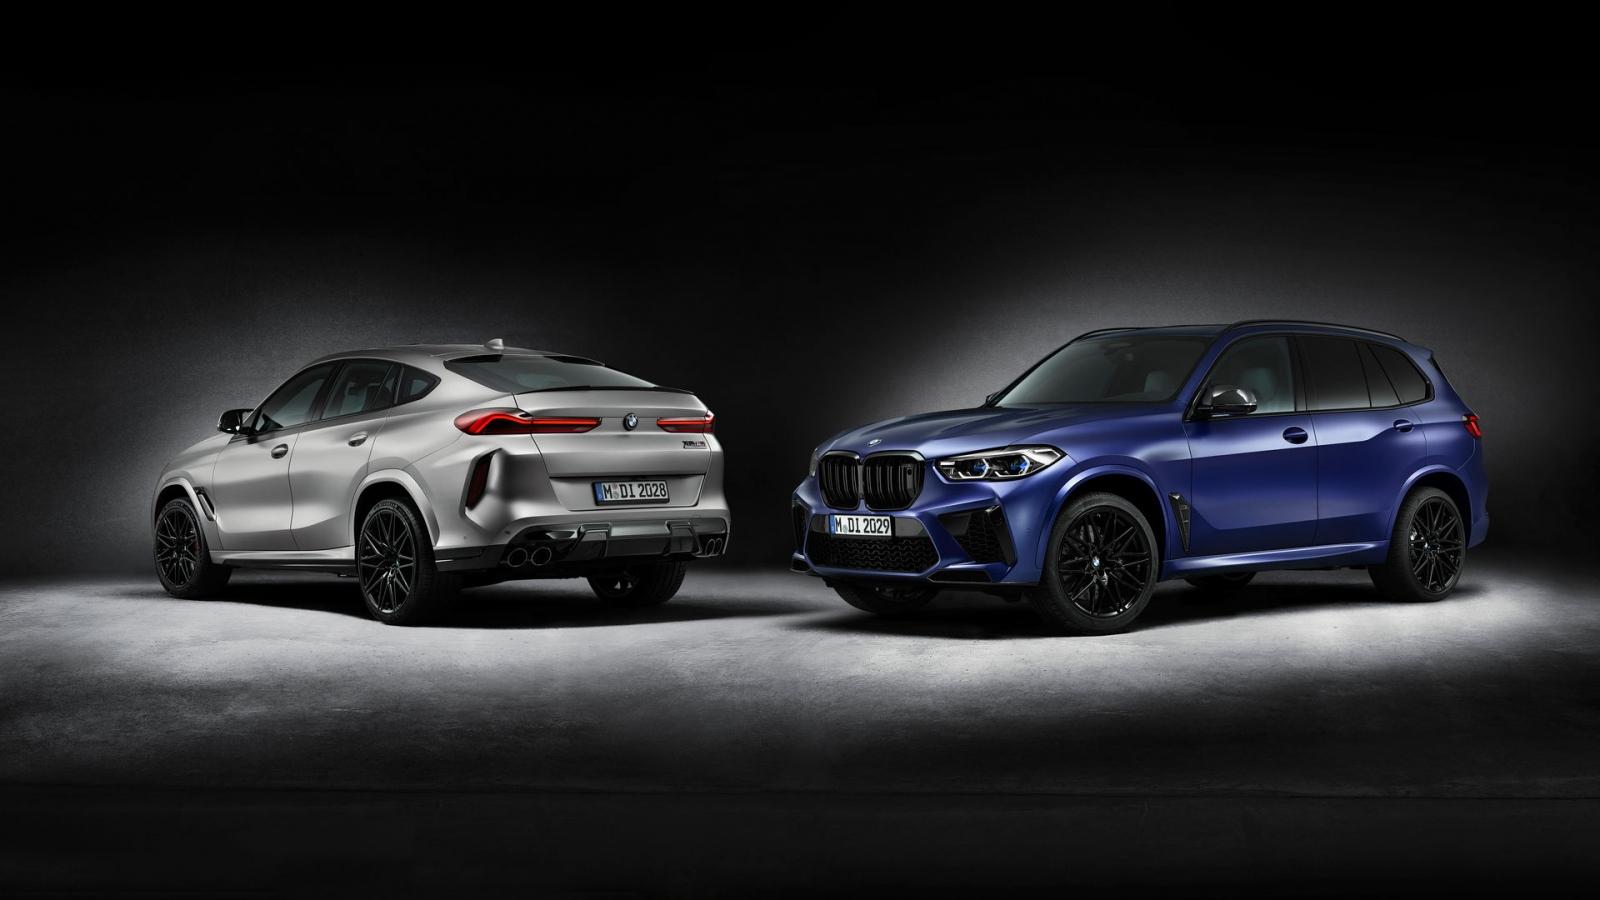 BMW ra mắt bộ đôi X5 M và X6 M Competition First Edition giới hạn 250 chiếc